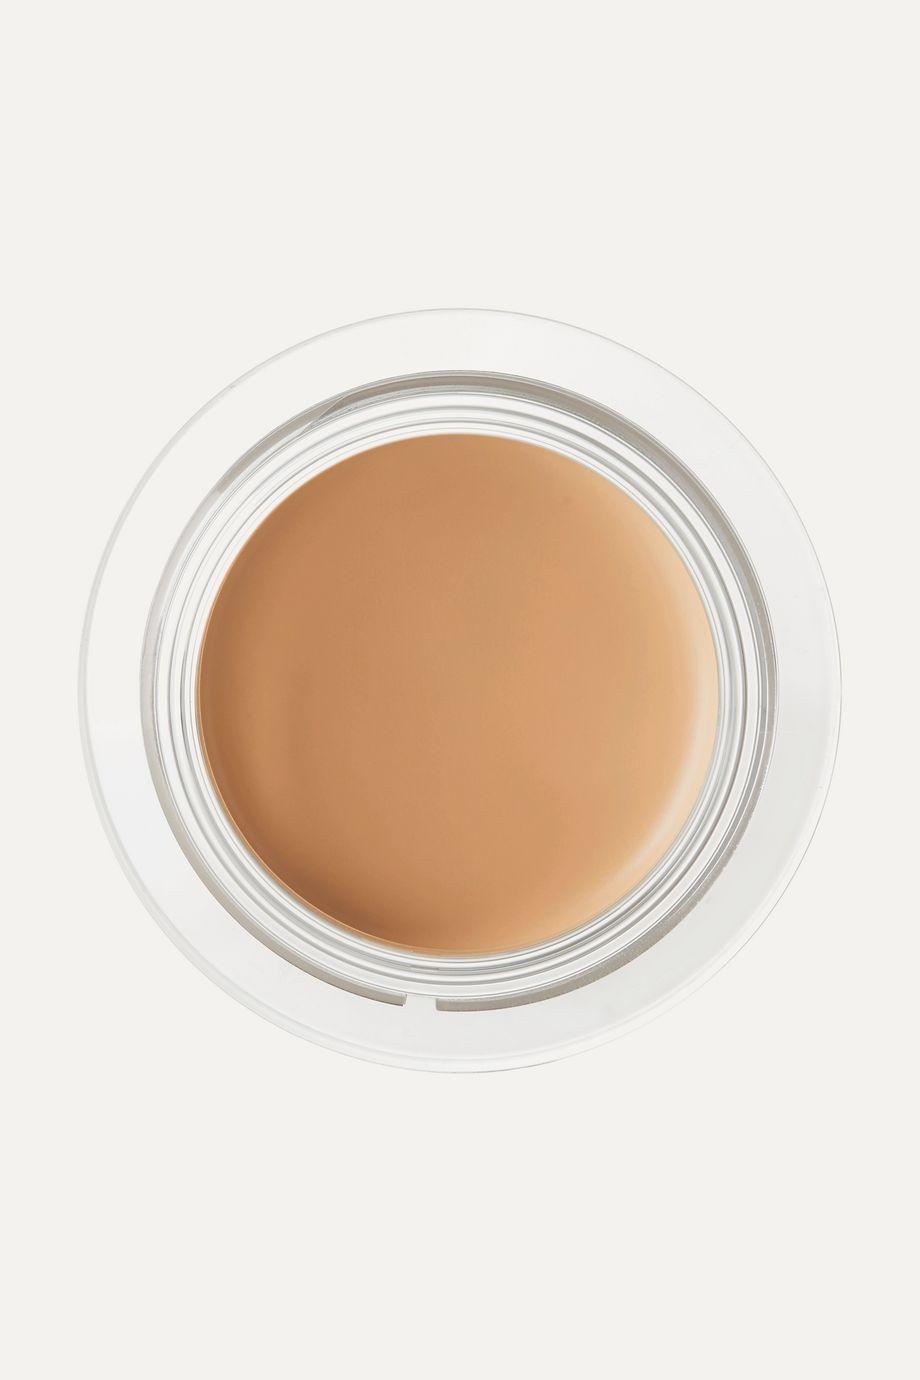 NARS Soft Matte Complete Concealer - Ginger